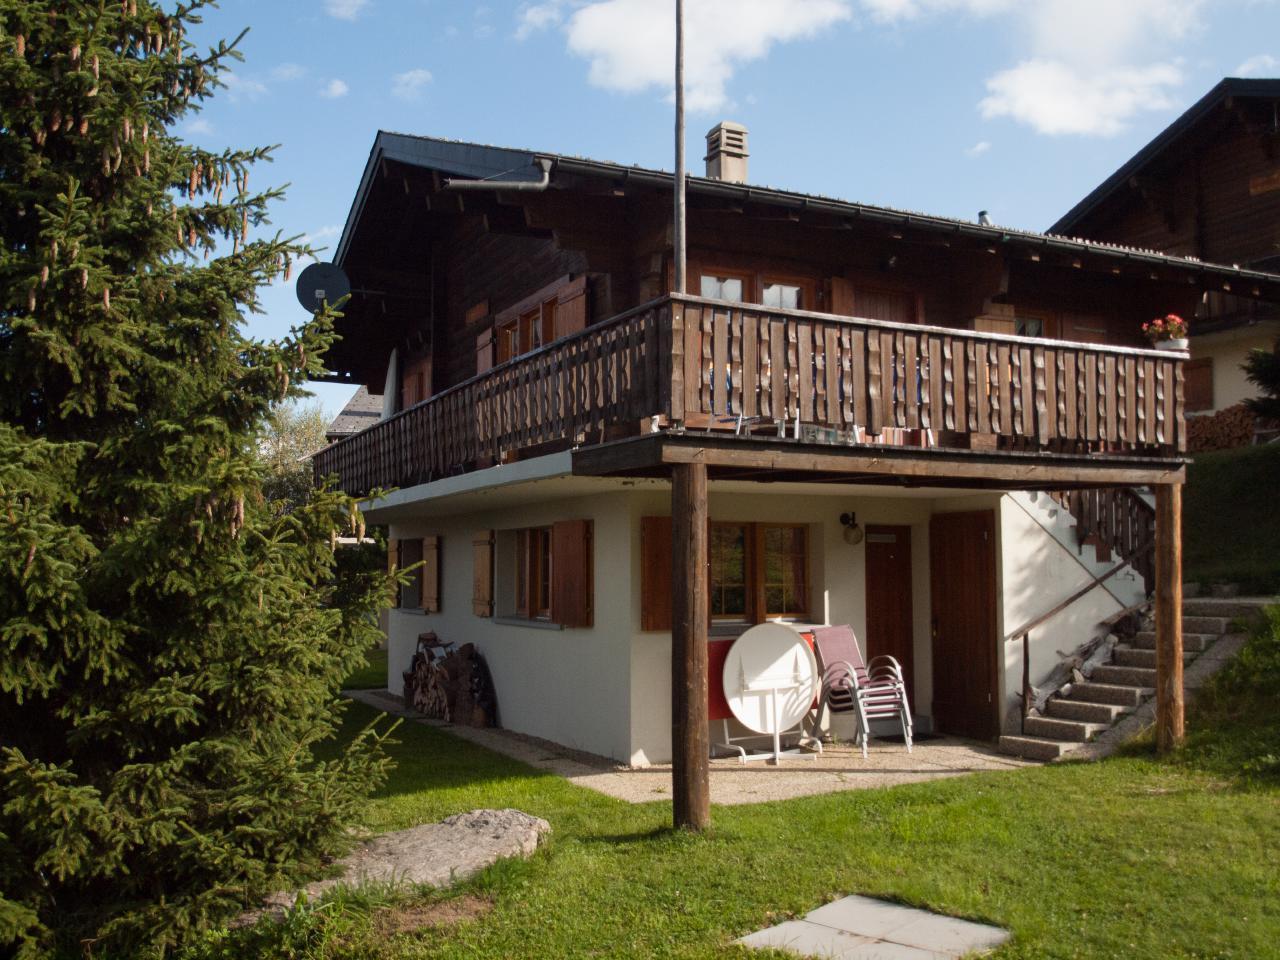 Ferienwohnung Chalet Allegra | Ferienwohnung in den Alpen (2245630), Rosswald, Brig - Simplon, Wallis, Schweiz, Bild 8